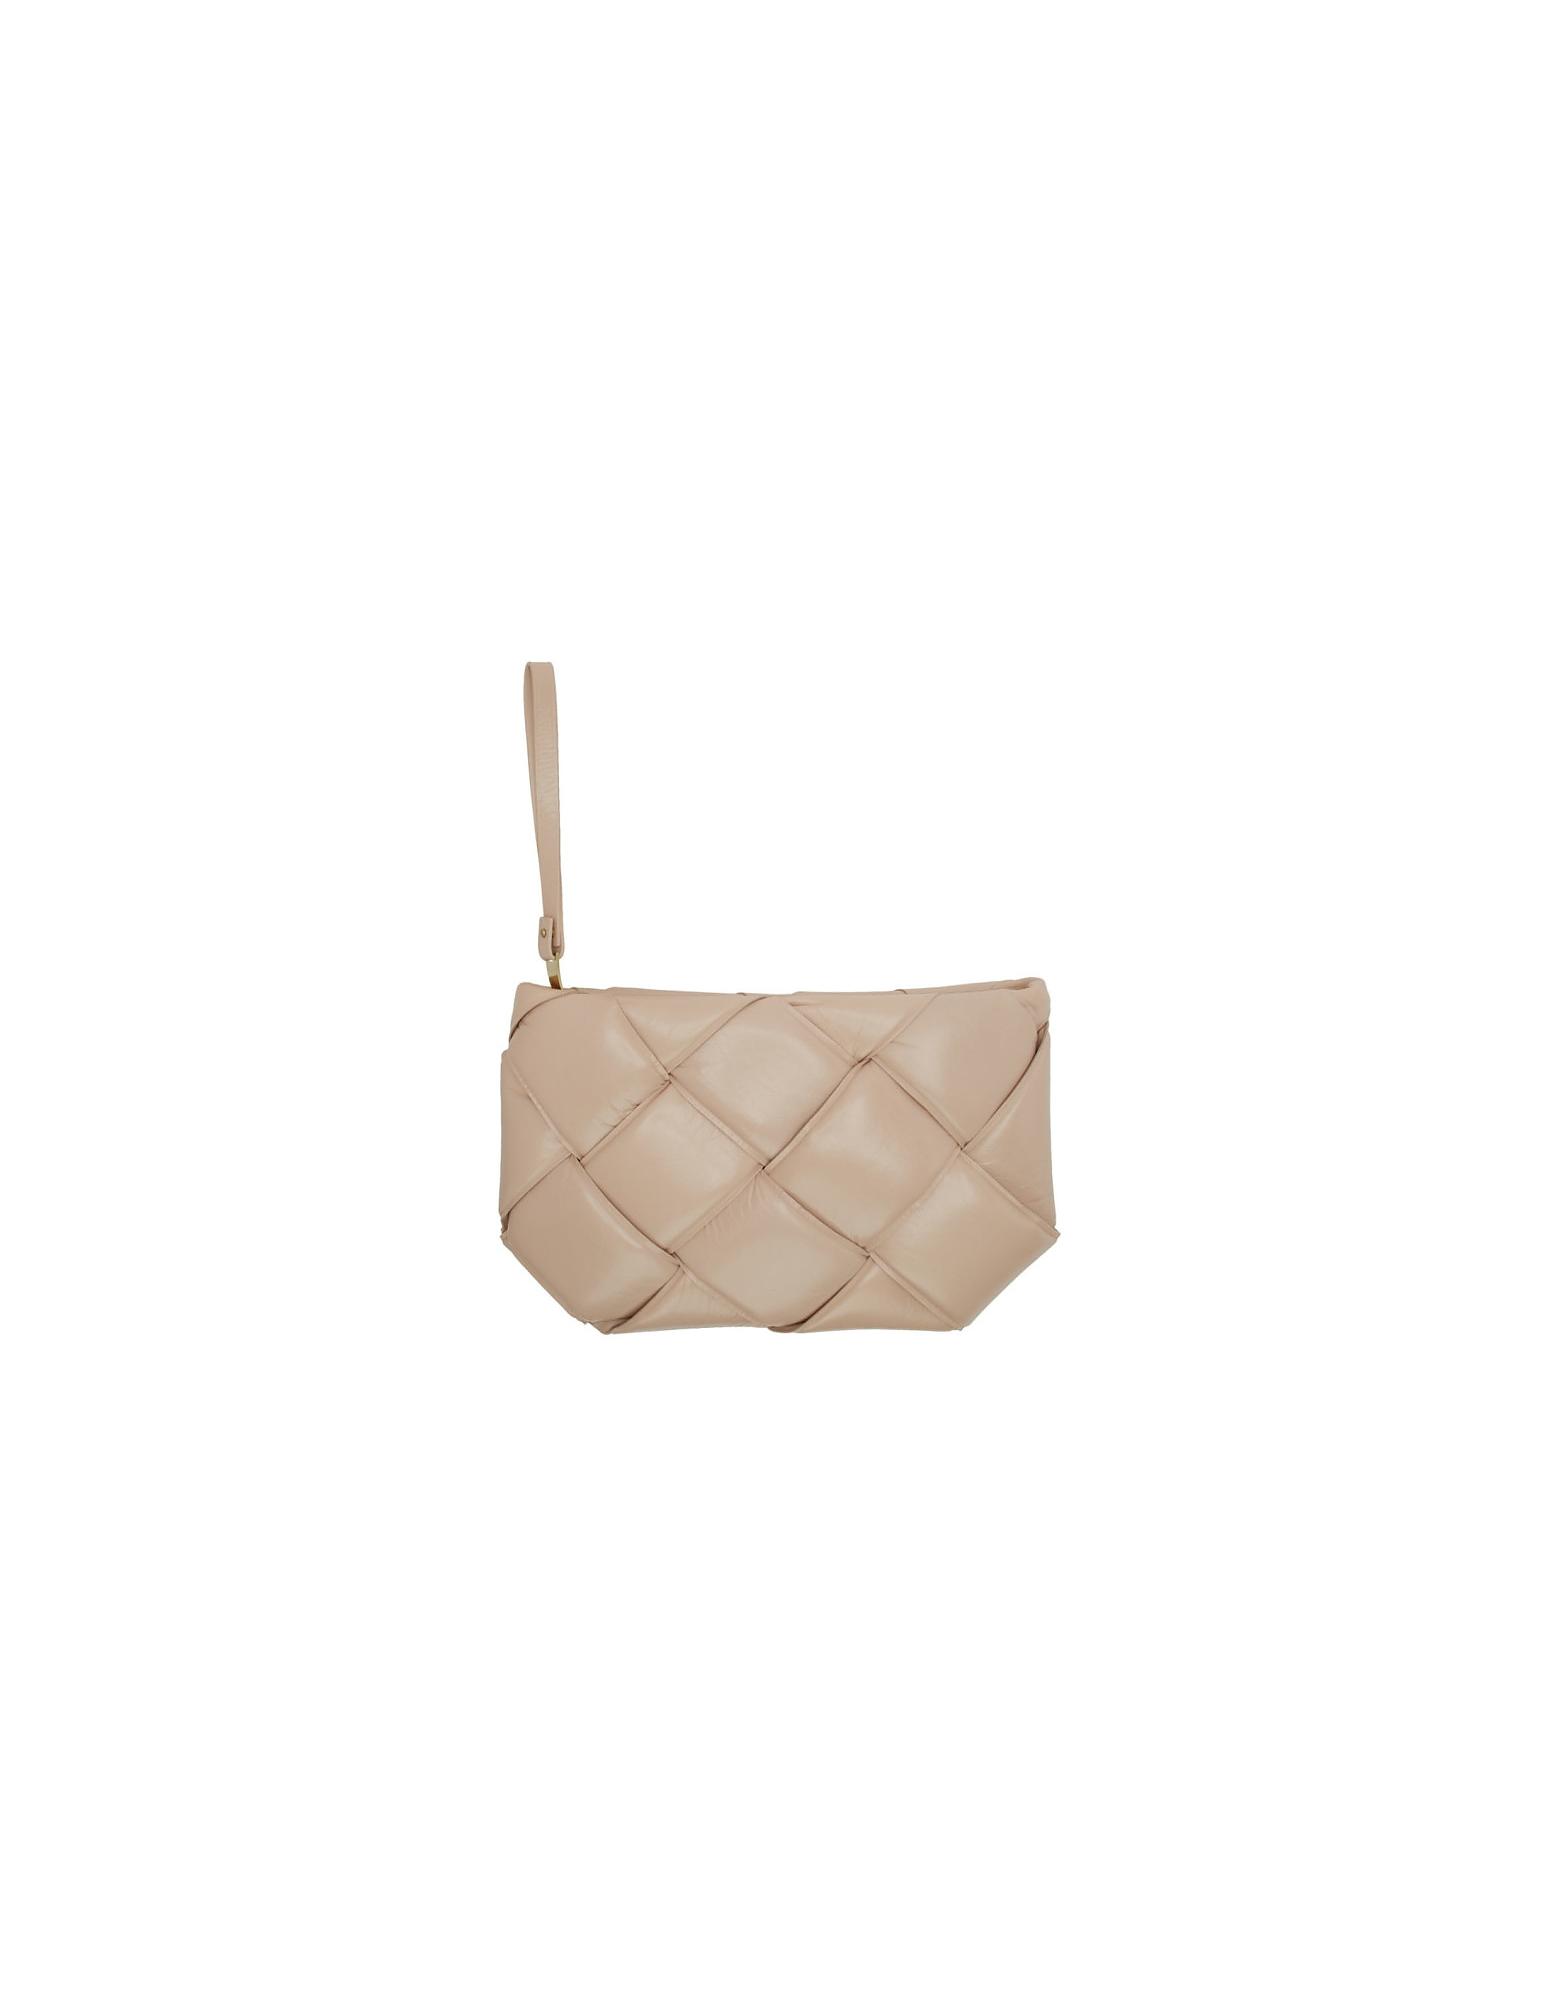 Bottega Veneta Designer Handbags, Beige Maxi Weave Quilted Pouch